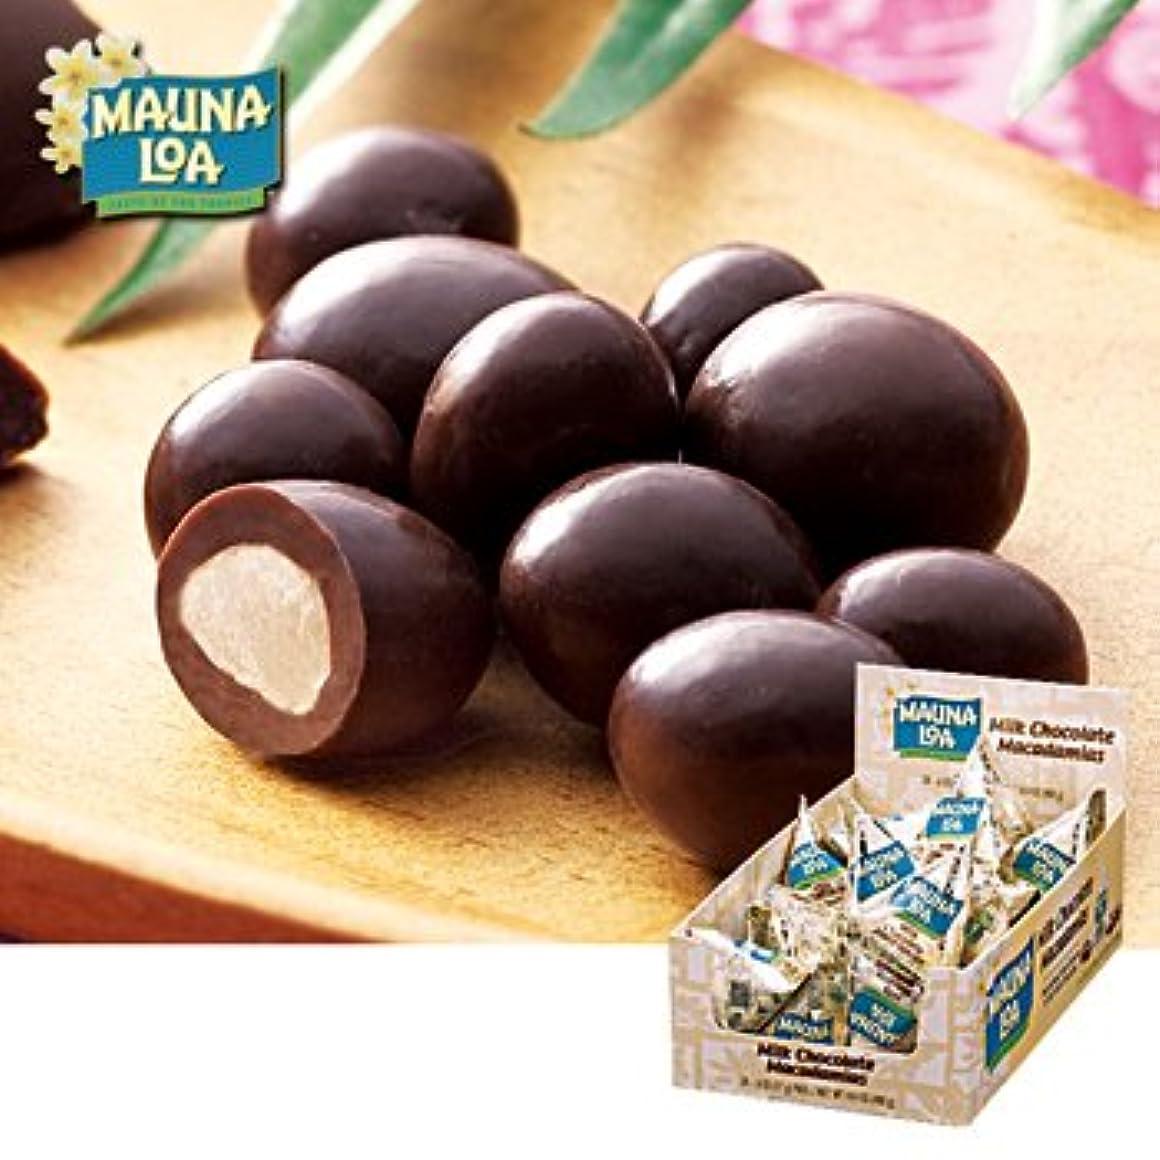 判読できない機械的に工場ハワイお土産 マウナロア マカデミアナッツチョコ ミニパック 24袋セット